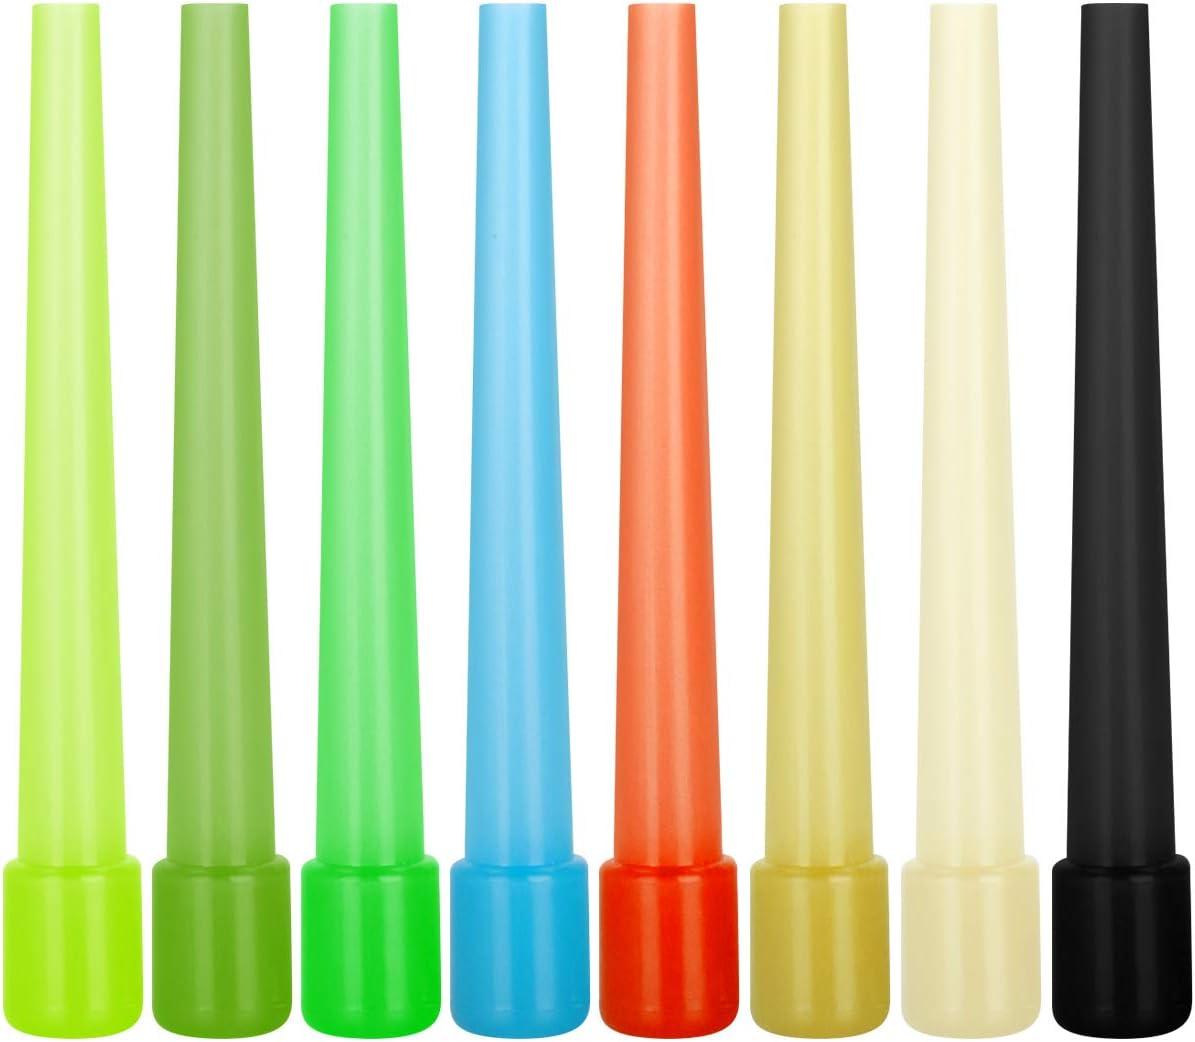 Maxee 100 boquillas para shisha (9 cm de color aleatorio), boquilla higiénica para shisha con puntas para cachimba, accesorios de alta calidad y embalaje higiénico, evita bacterias y virus